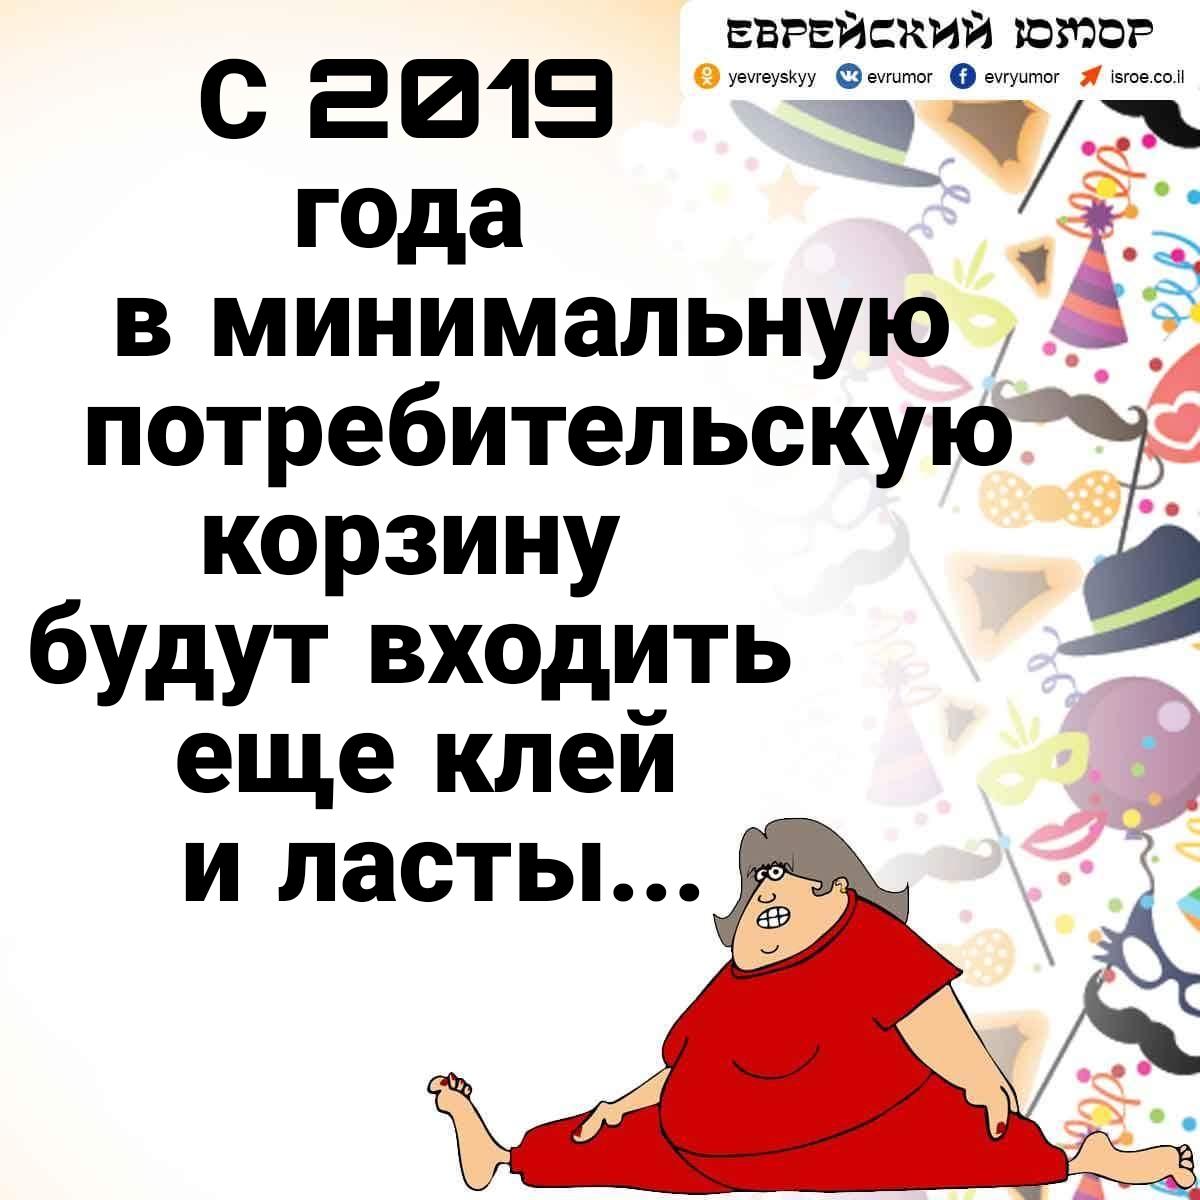 Еврейский юмор. Одесский анекдот. С 2019...